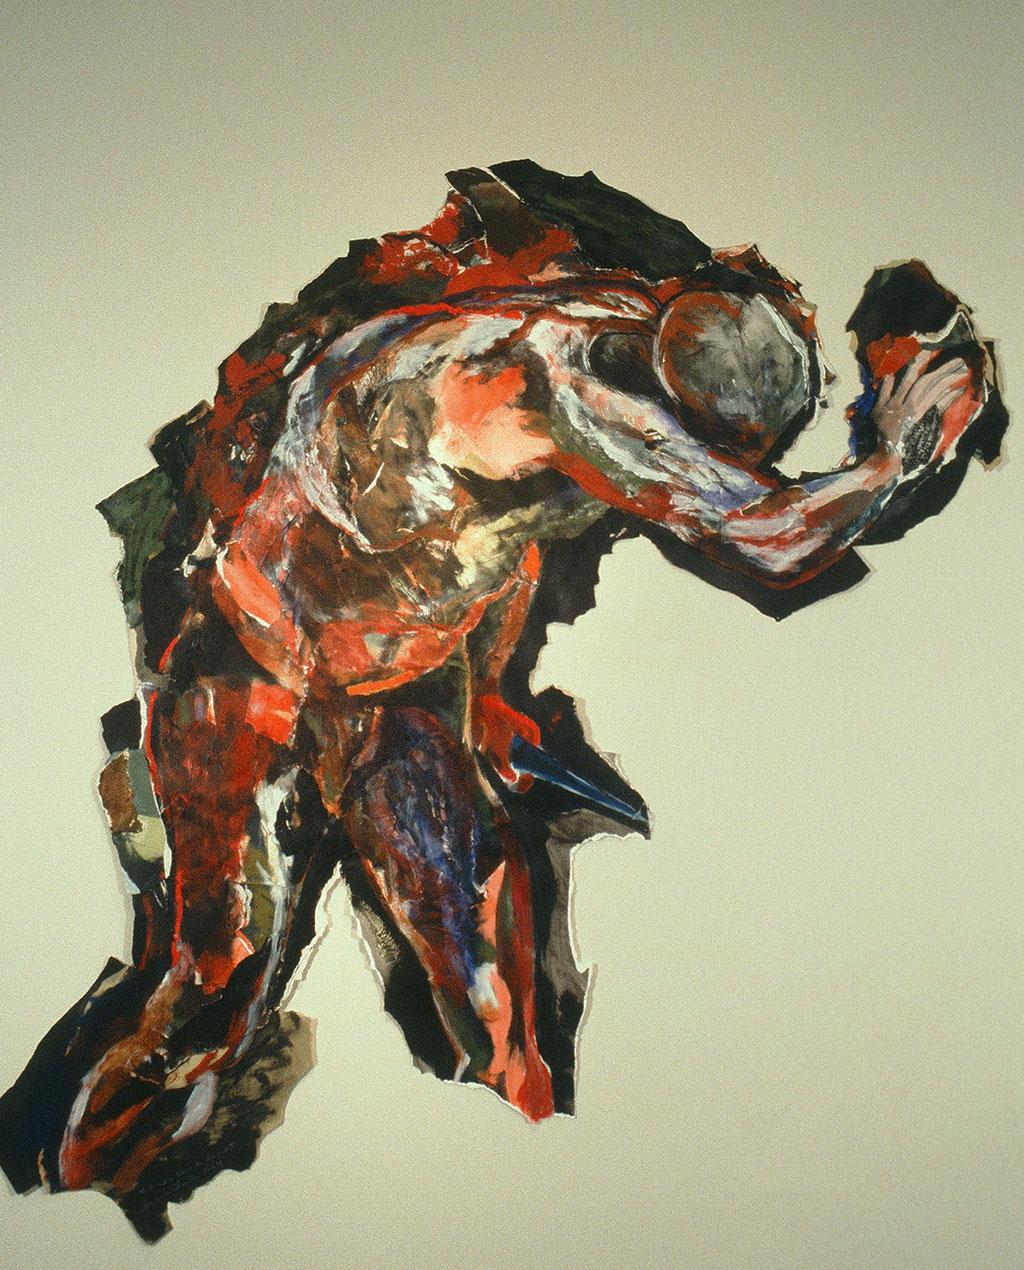 L'âpre délire de la mort, d'après Raphaël, 1994, 165 x 146 cm, techniques mixtes sur papier.